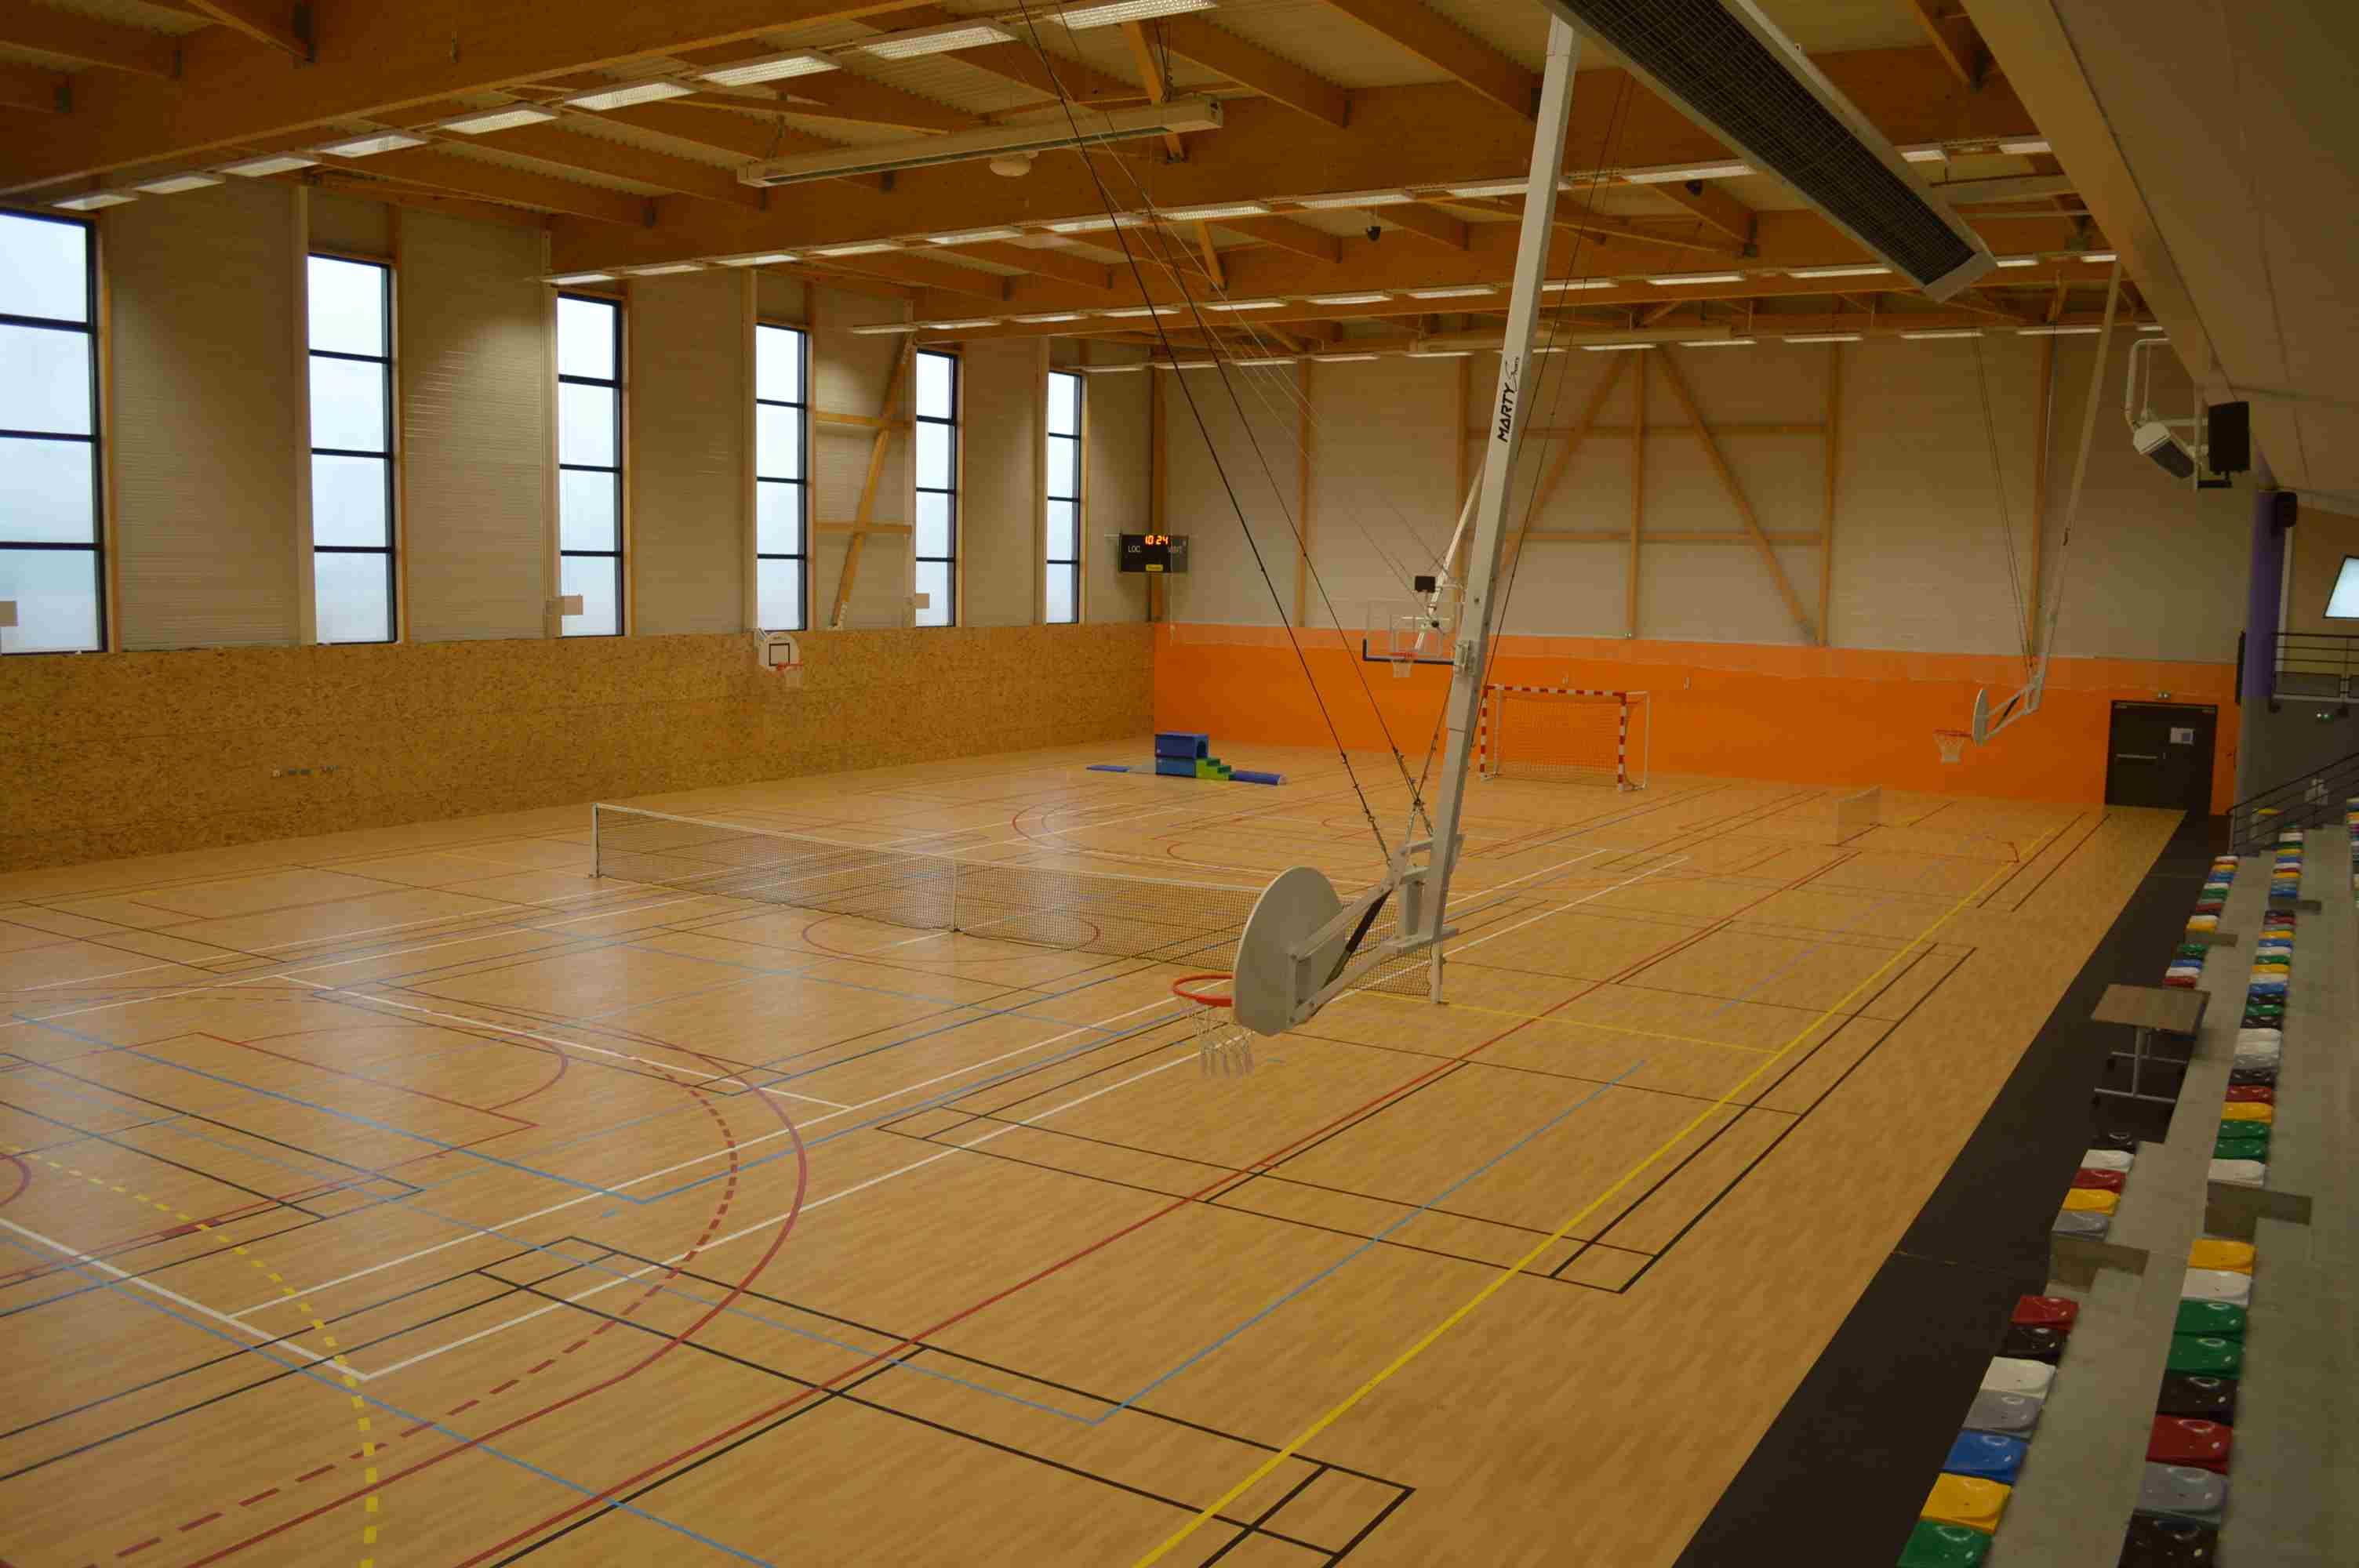 Salle-de-sport-Plélo-intérieur-2